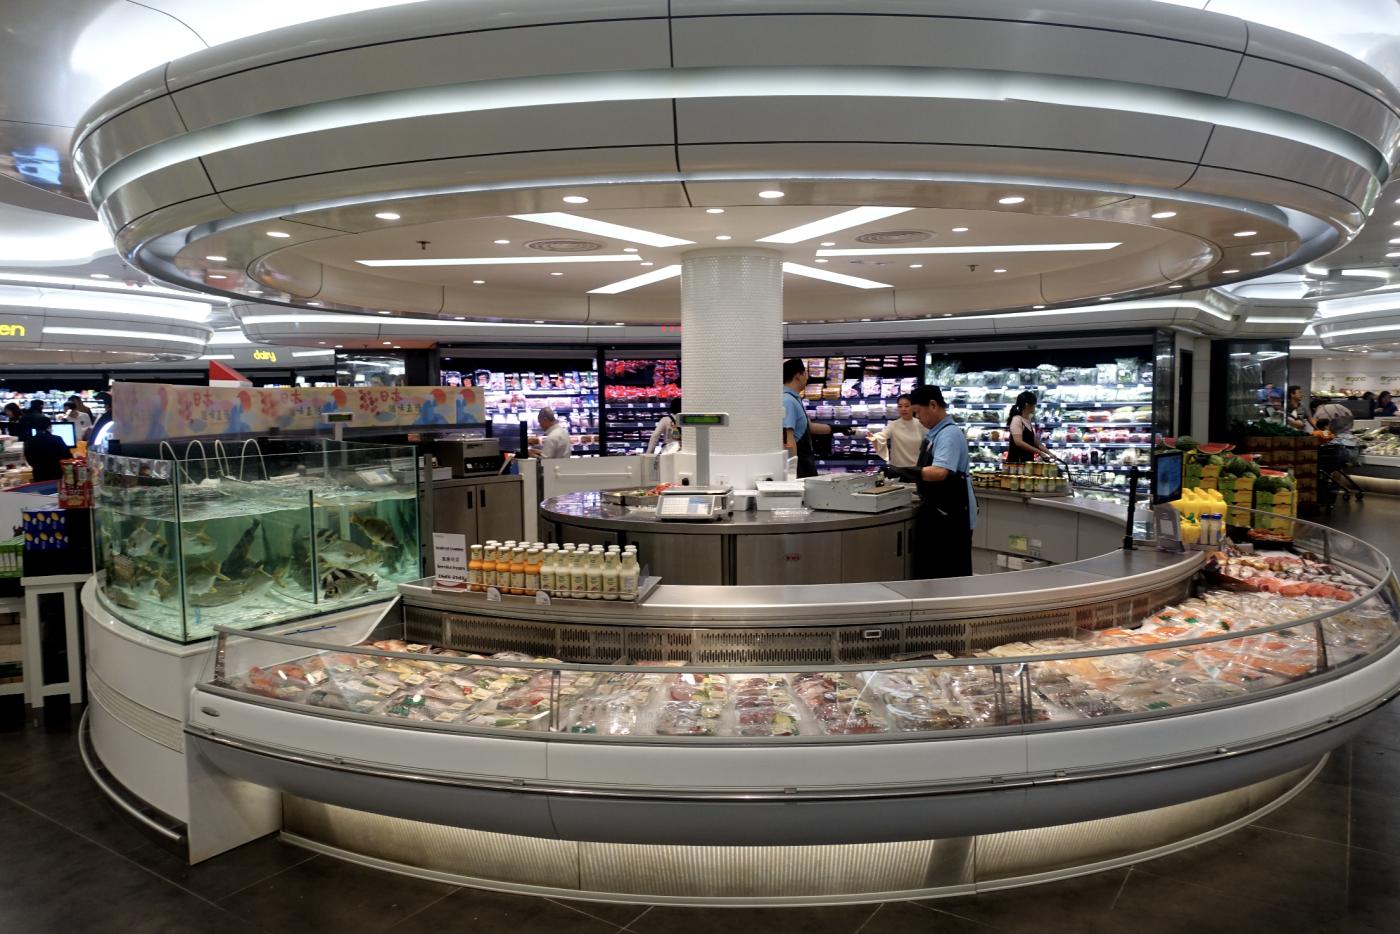 香港印象:高度商业化、整洁、有序_图1-6